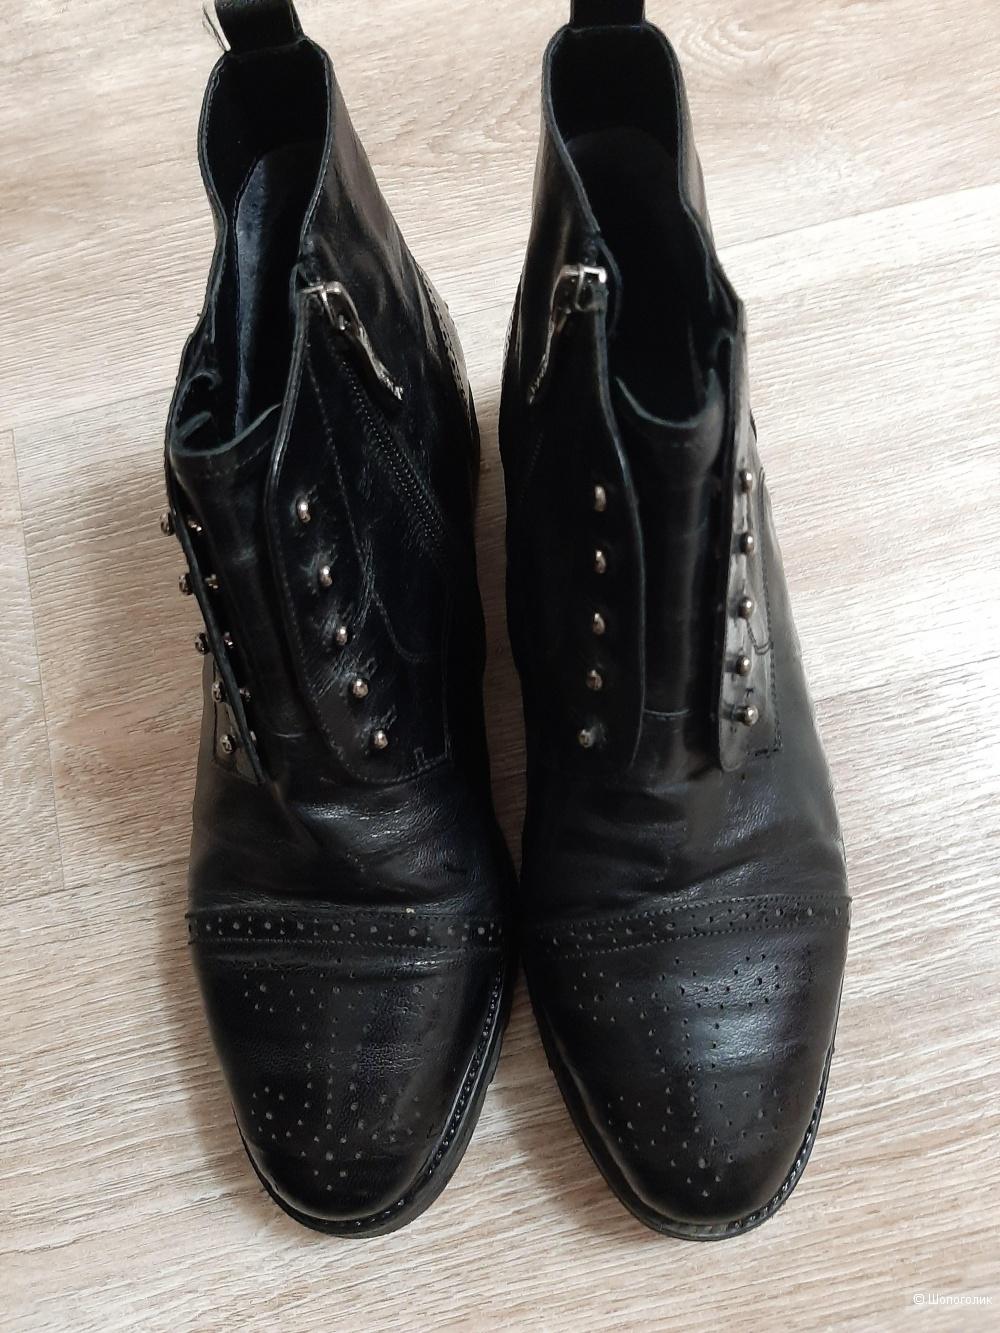 Ботинки Sofia, 39